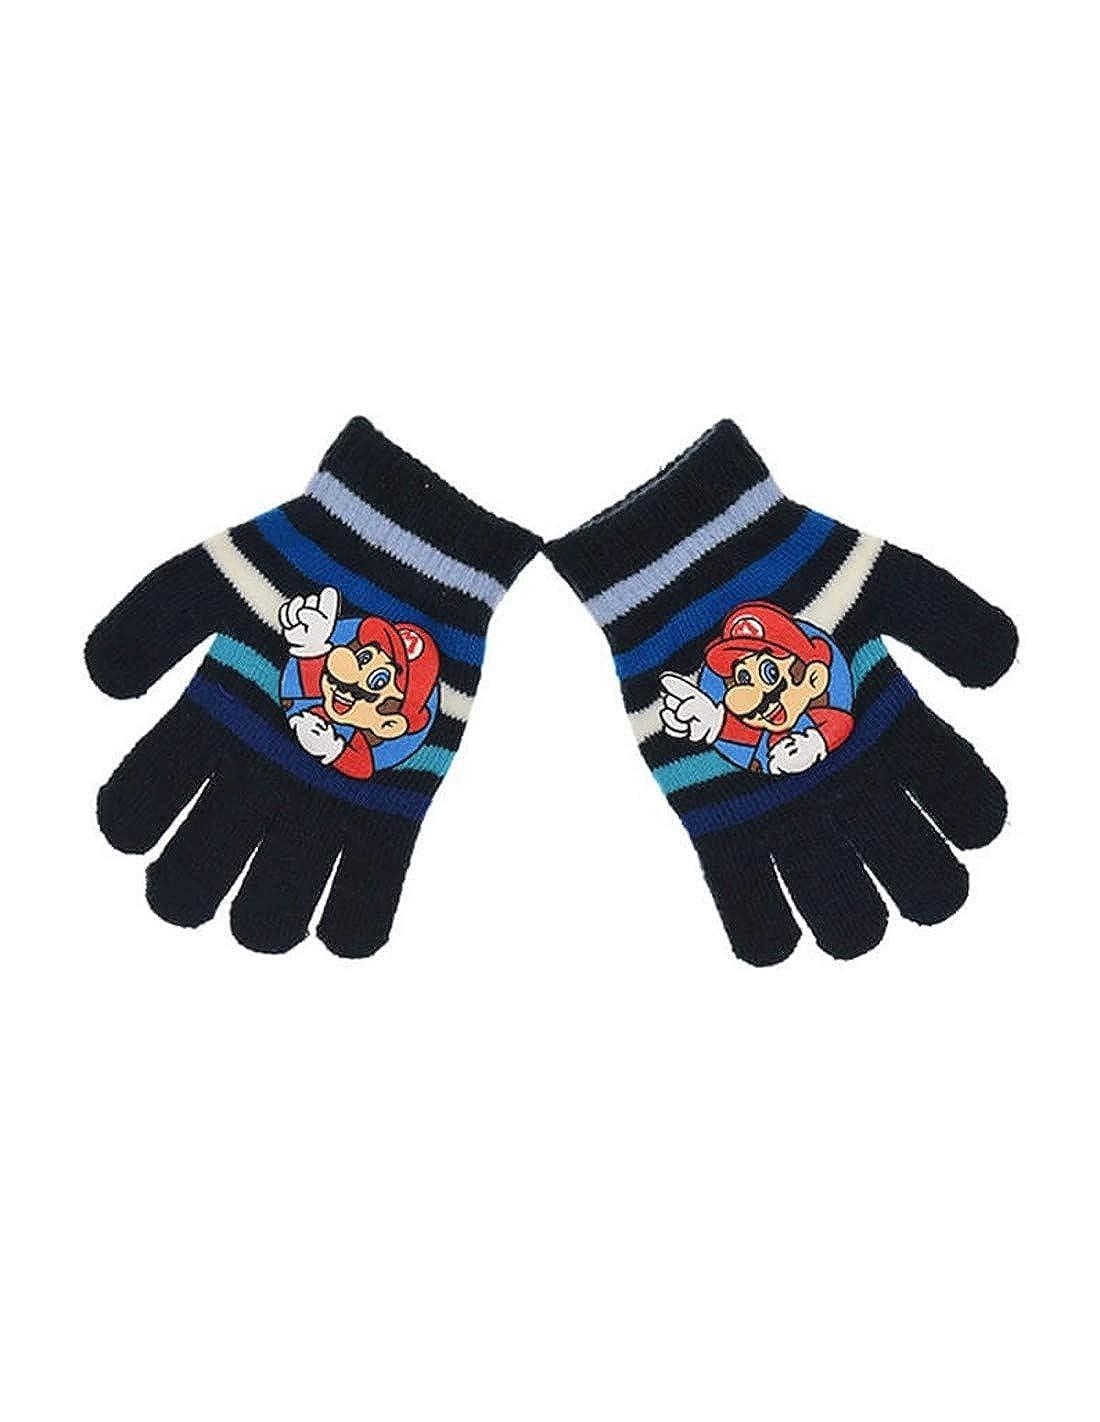 Gants enfant gar/çon Mario Marine et Gris Taille unique 3 /à 8ans